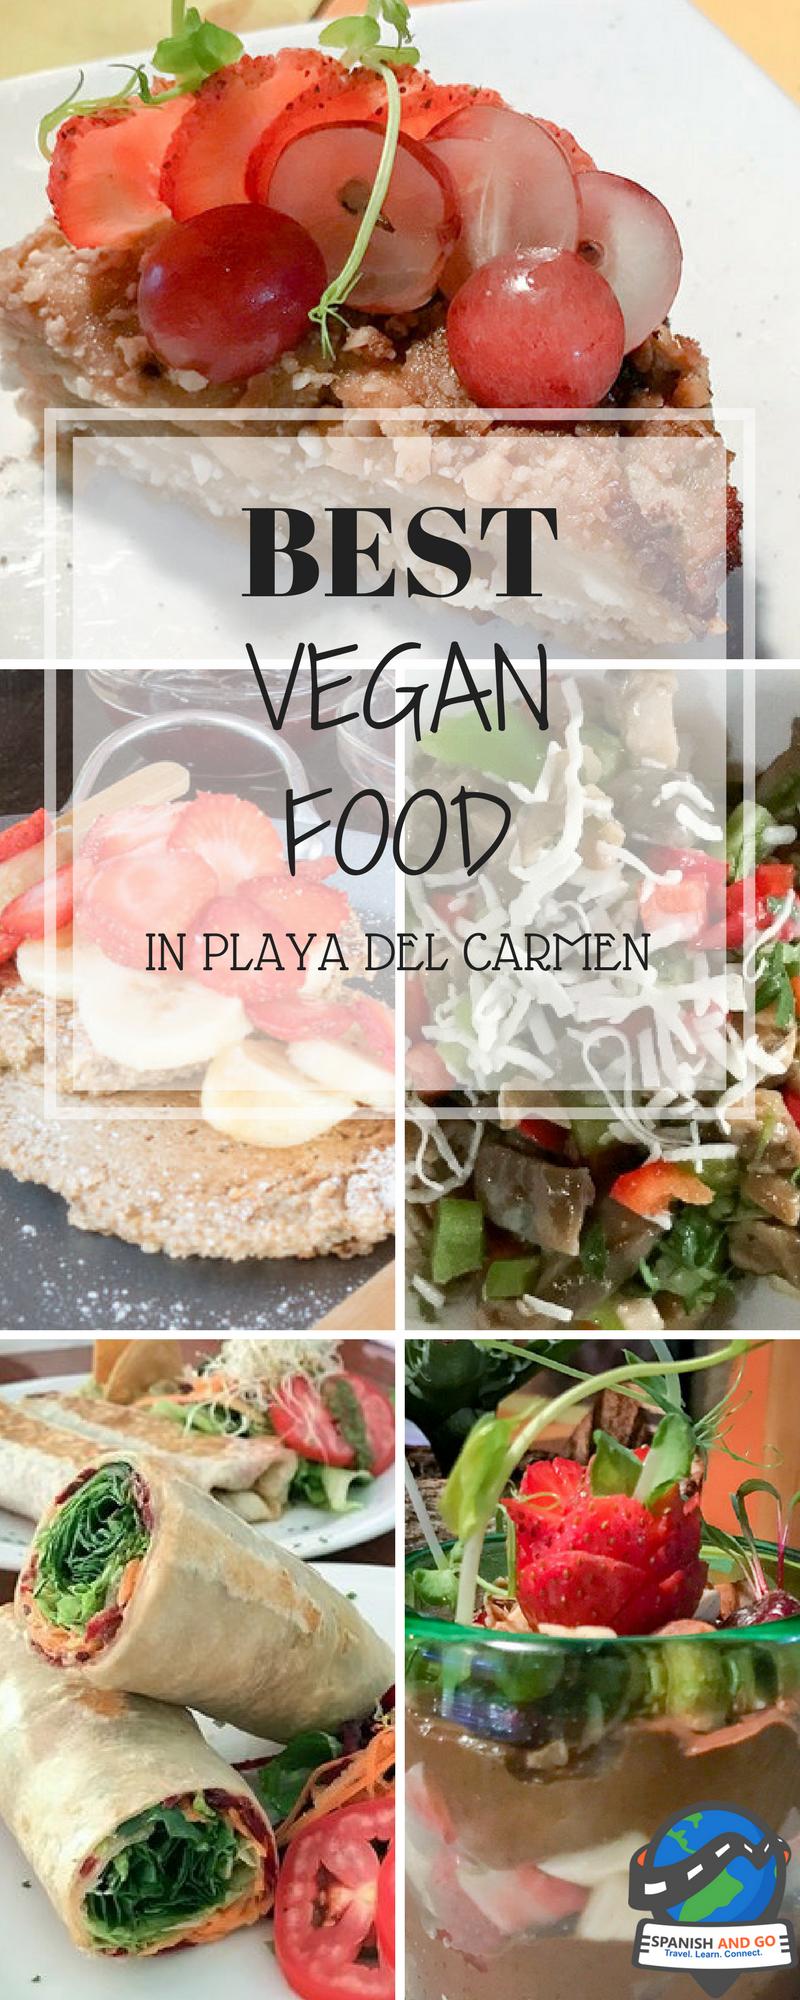 Vegan Food in Playa del Carmen